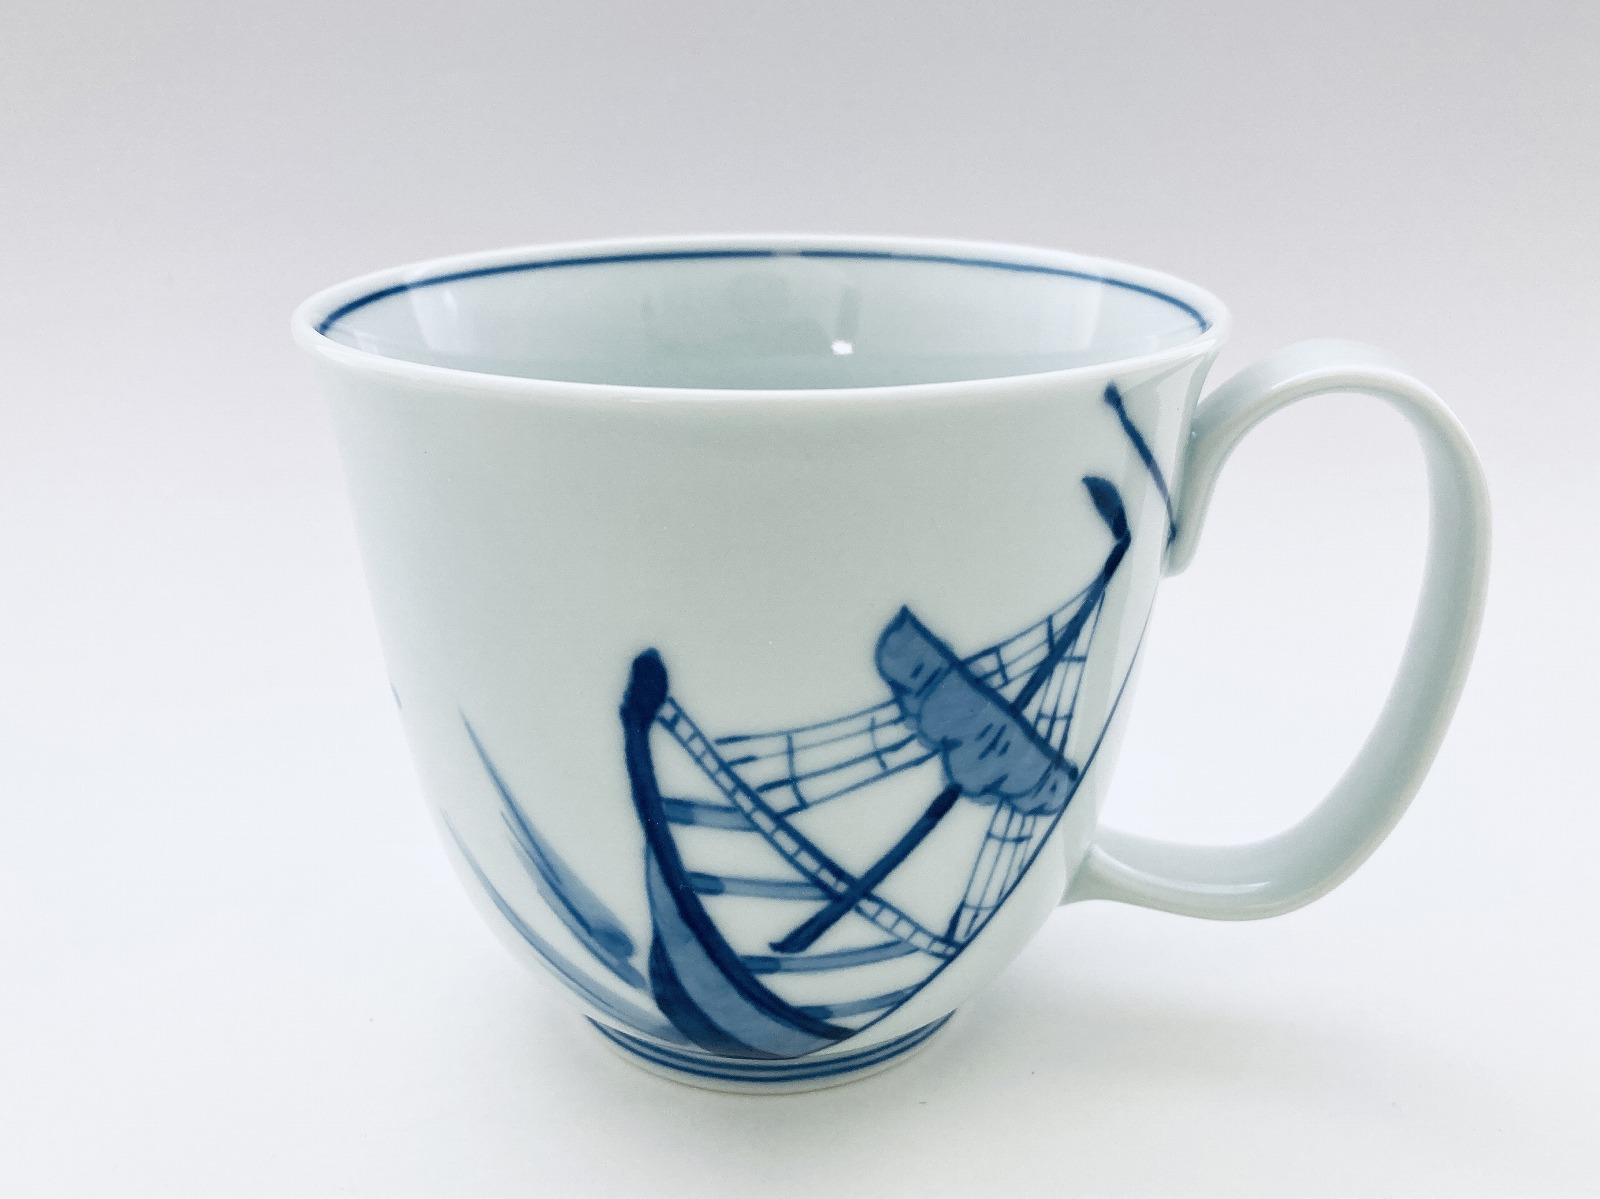 出船帆船フリーマグカップ(大)しん窯青花